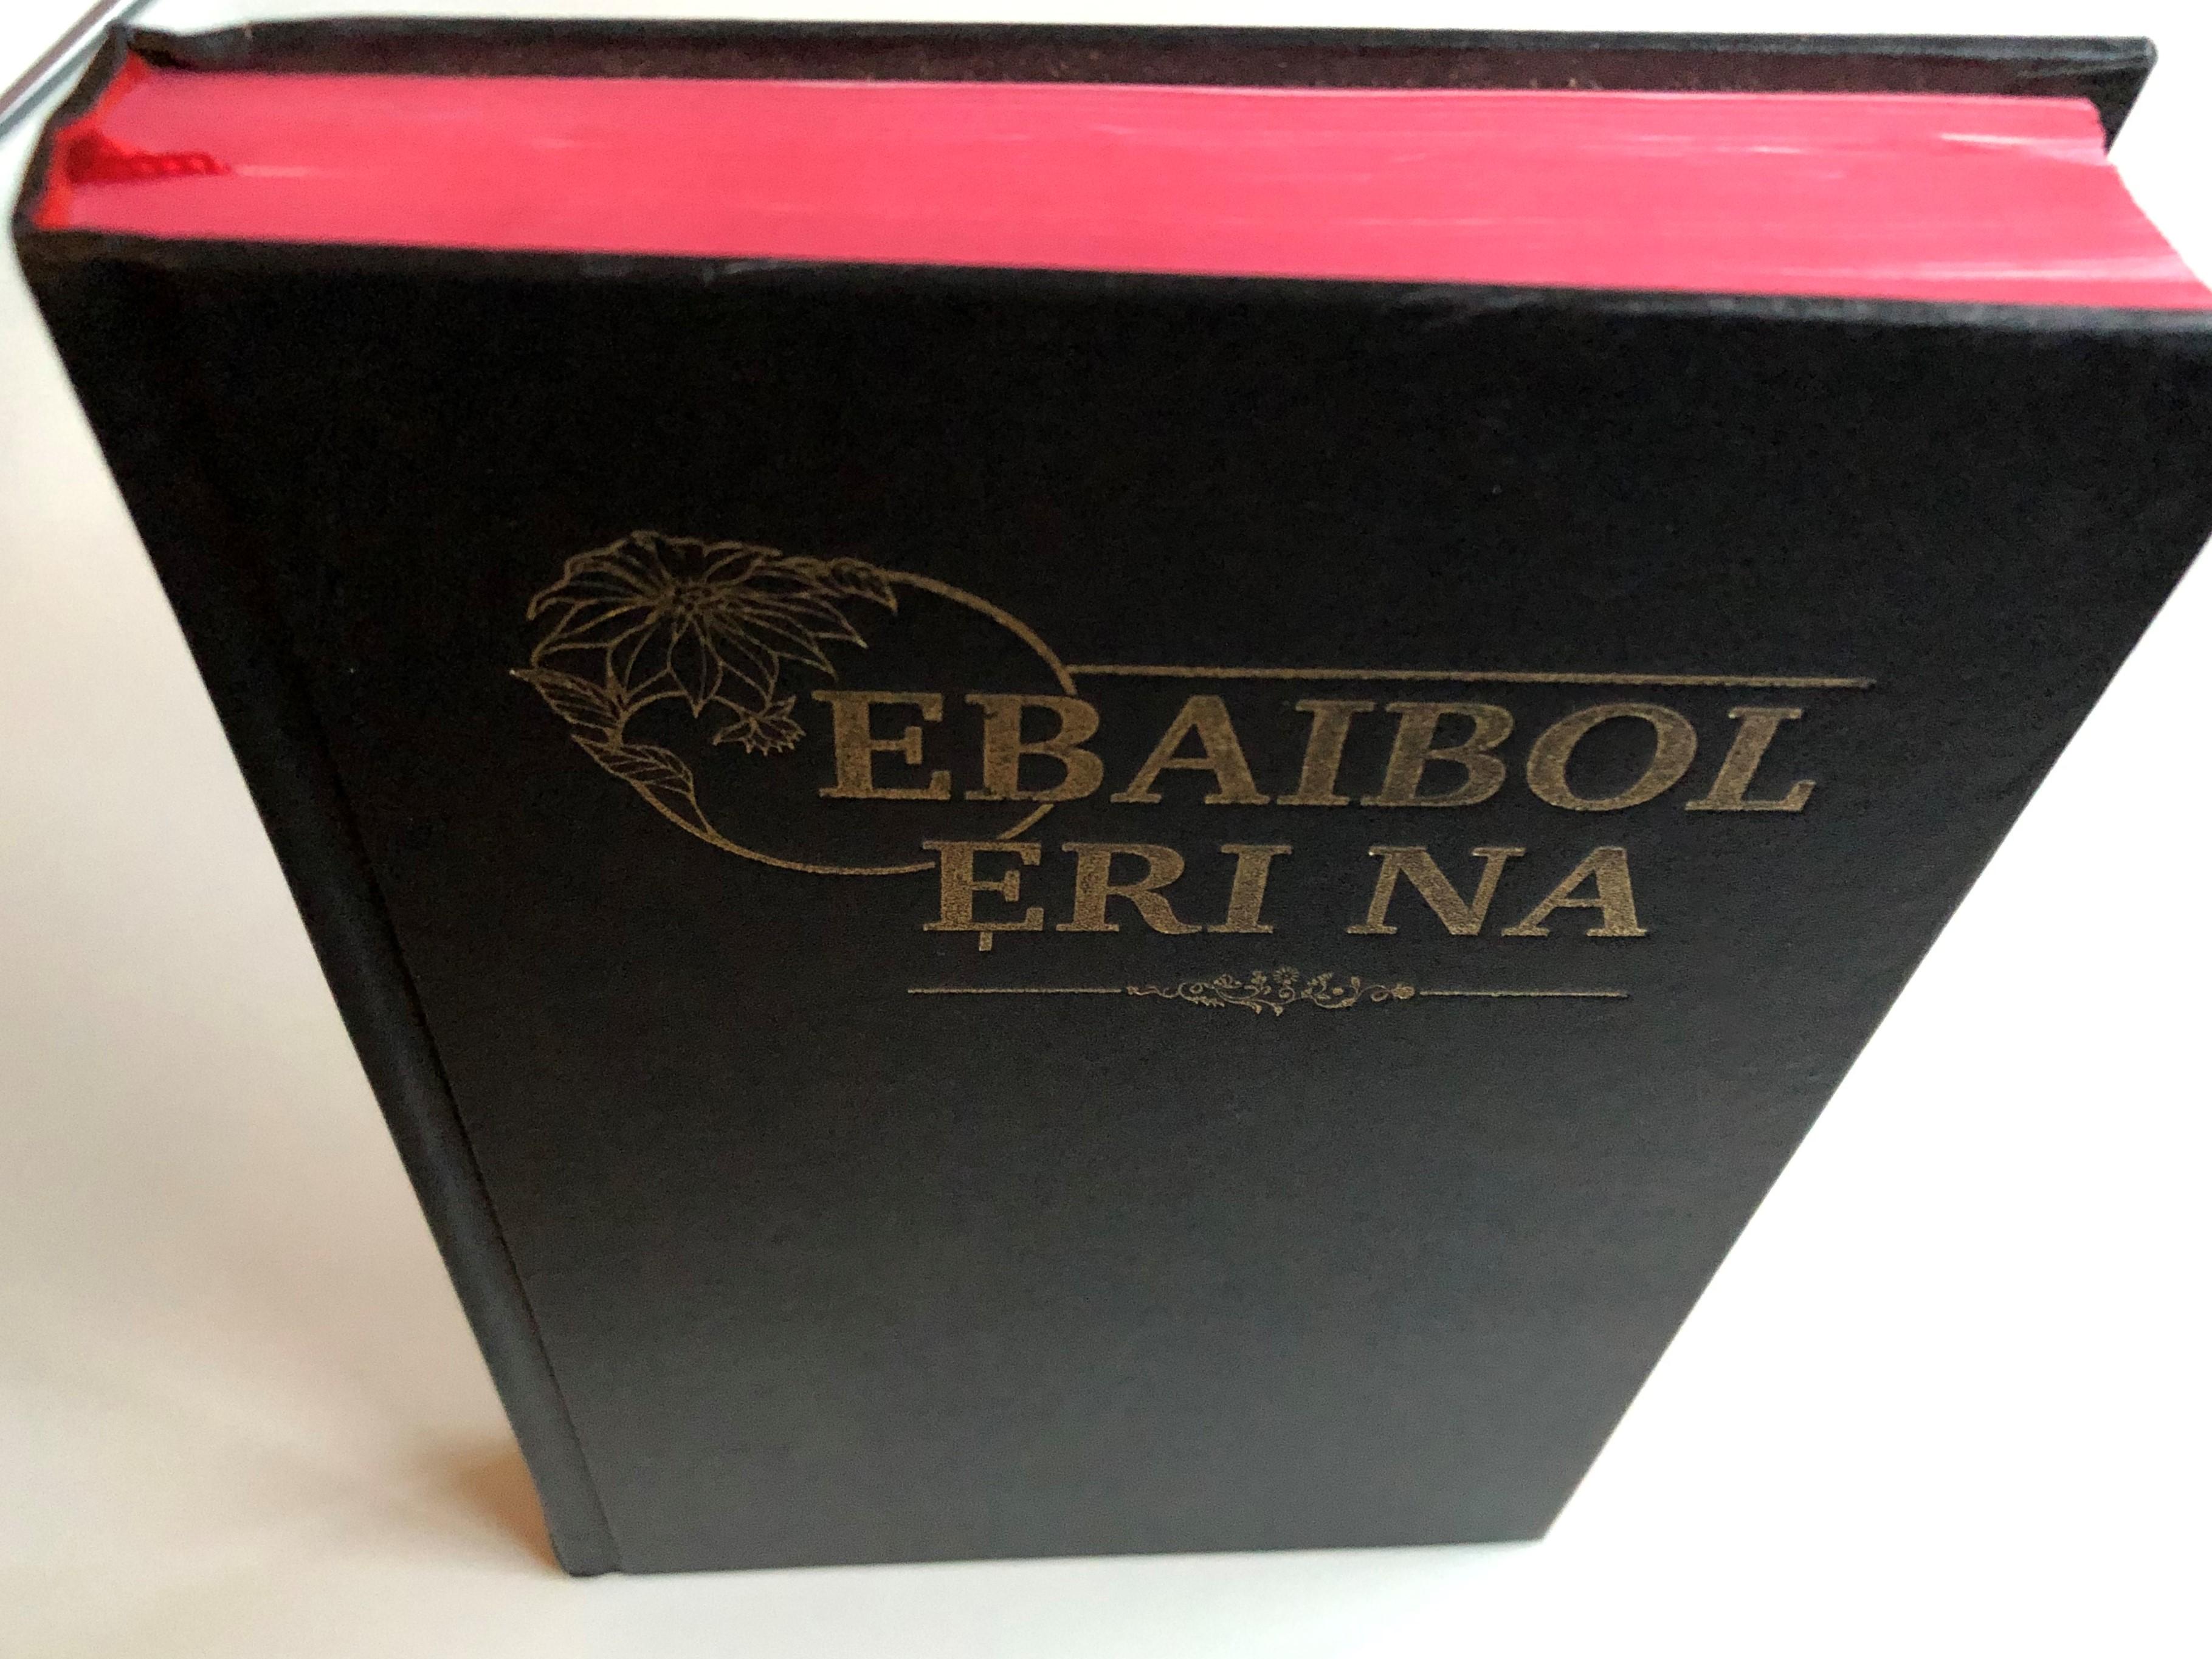 ebaibol-eri-na-isoko-language-holy-bible-3.jpg